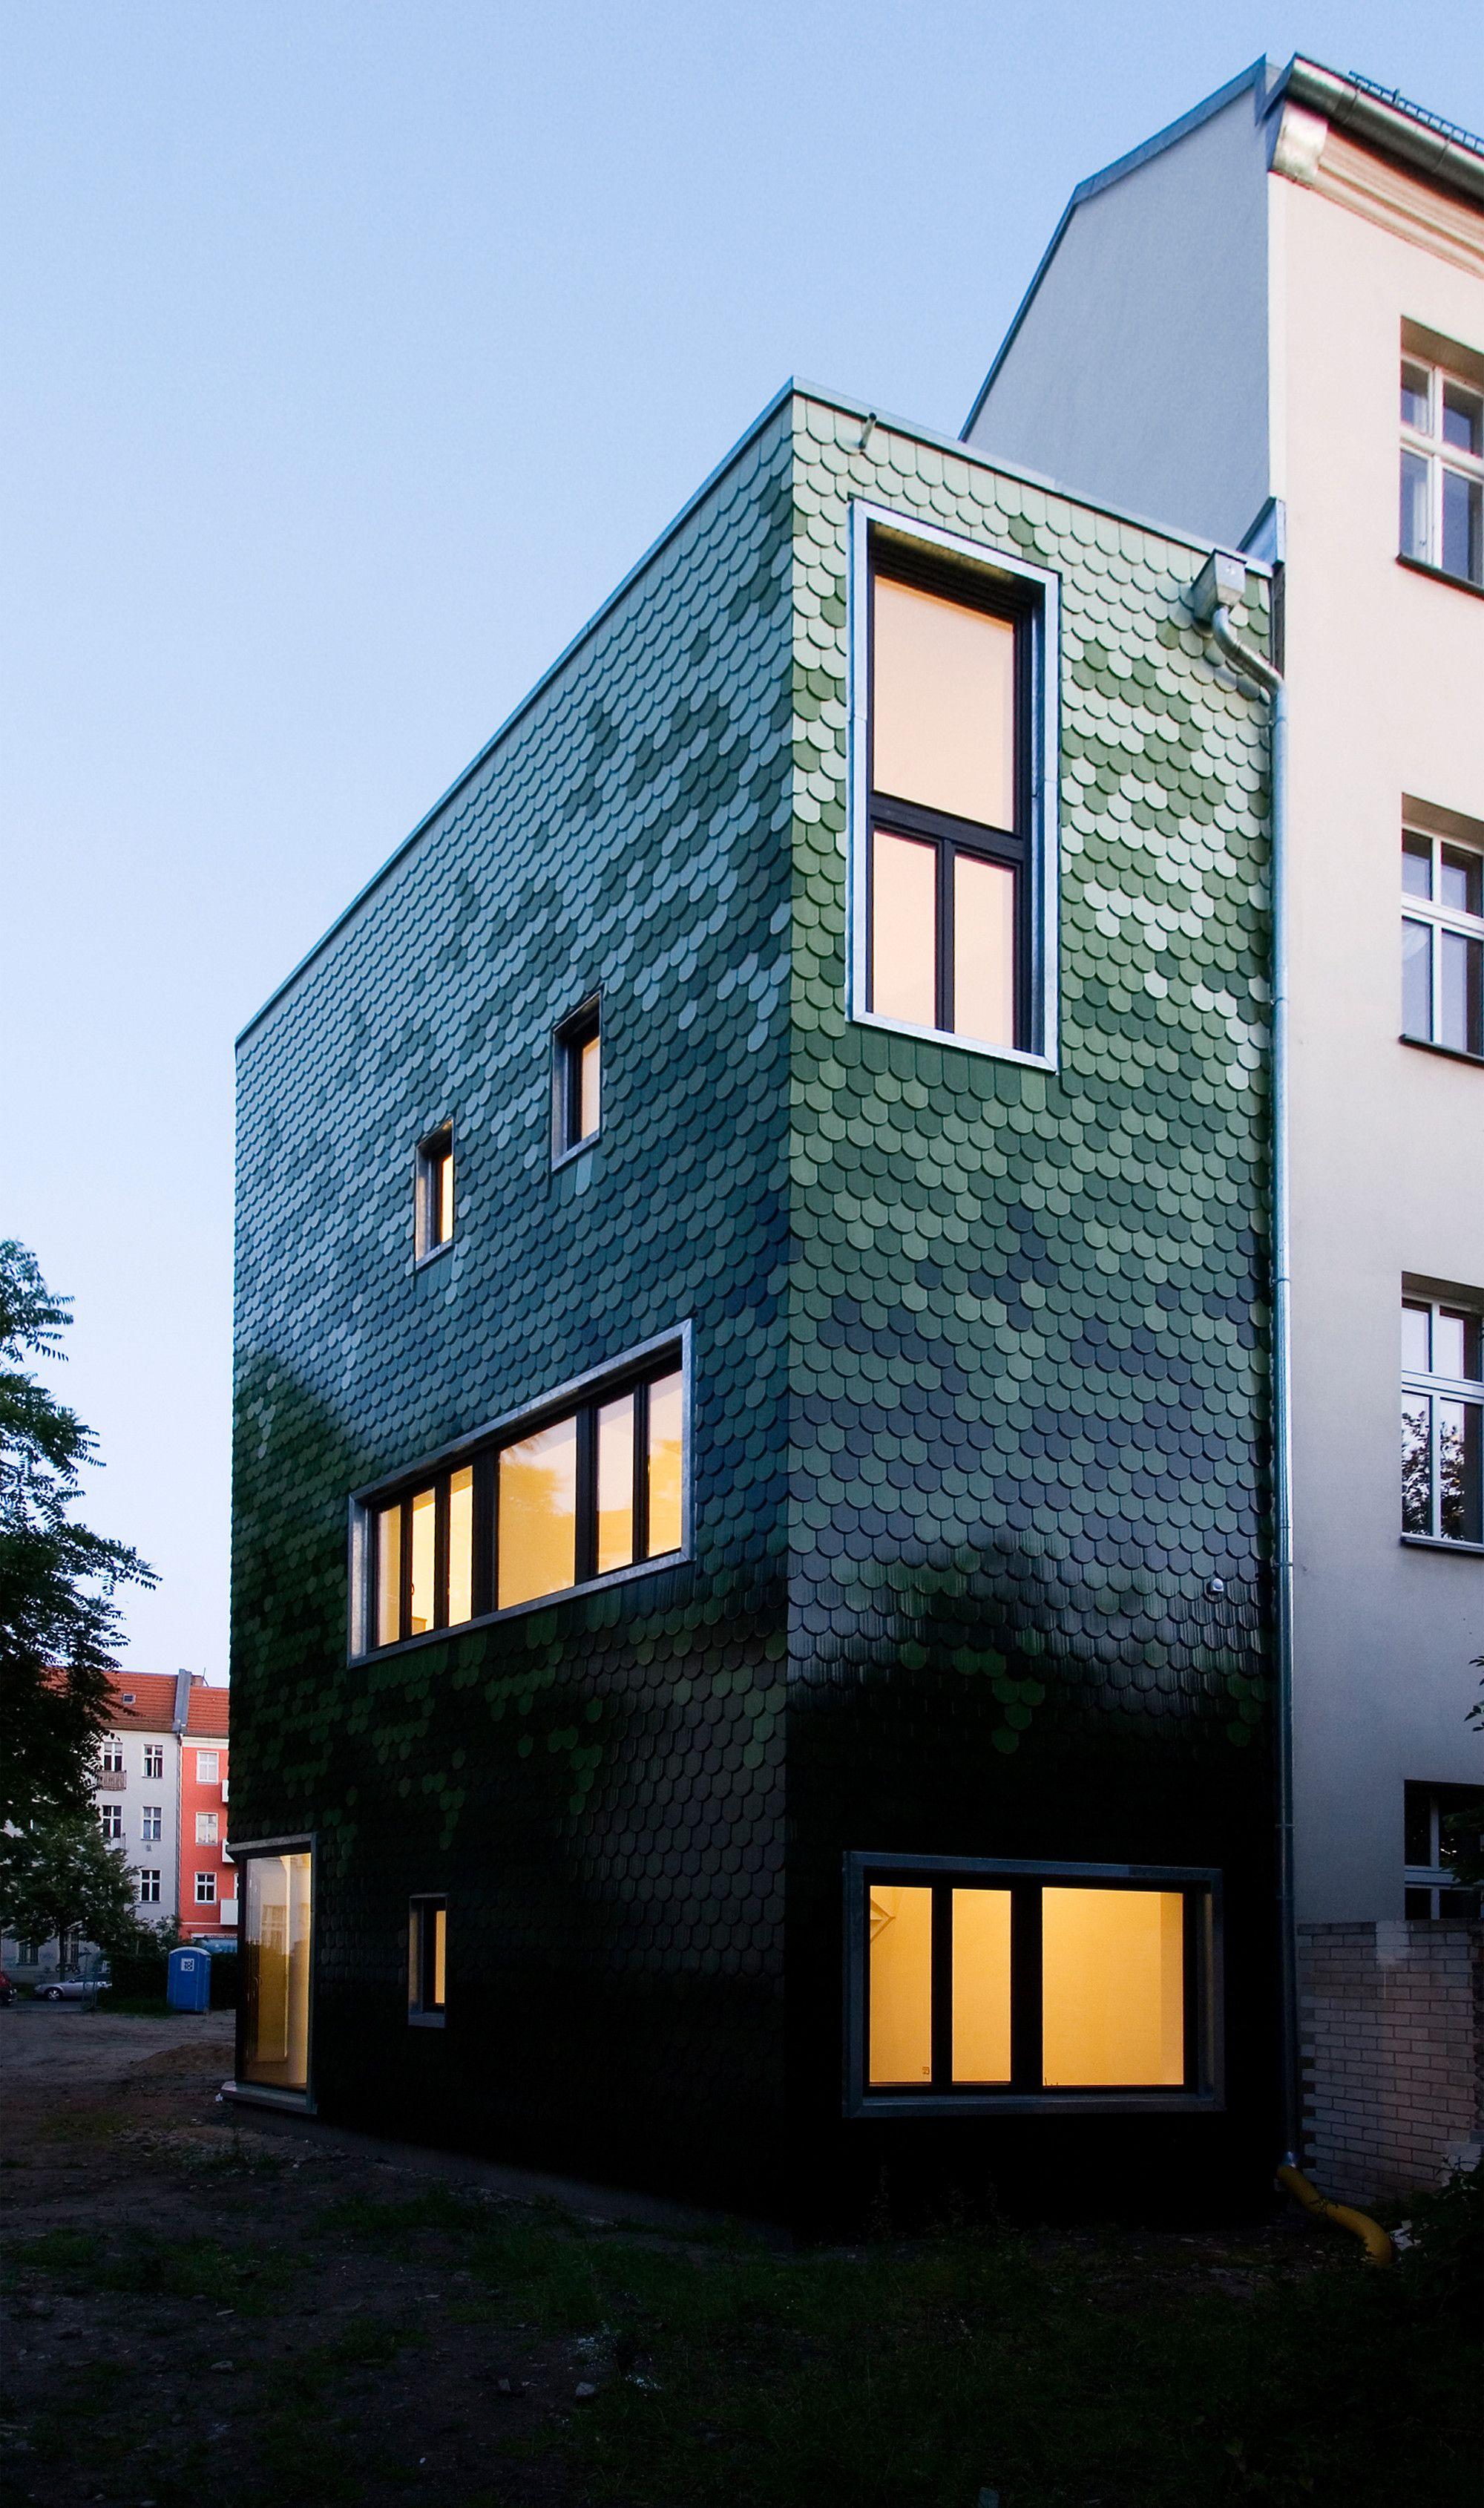 Gallery of single family house brandt simon architekten also rh pinterest